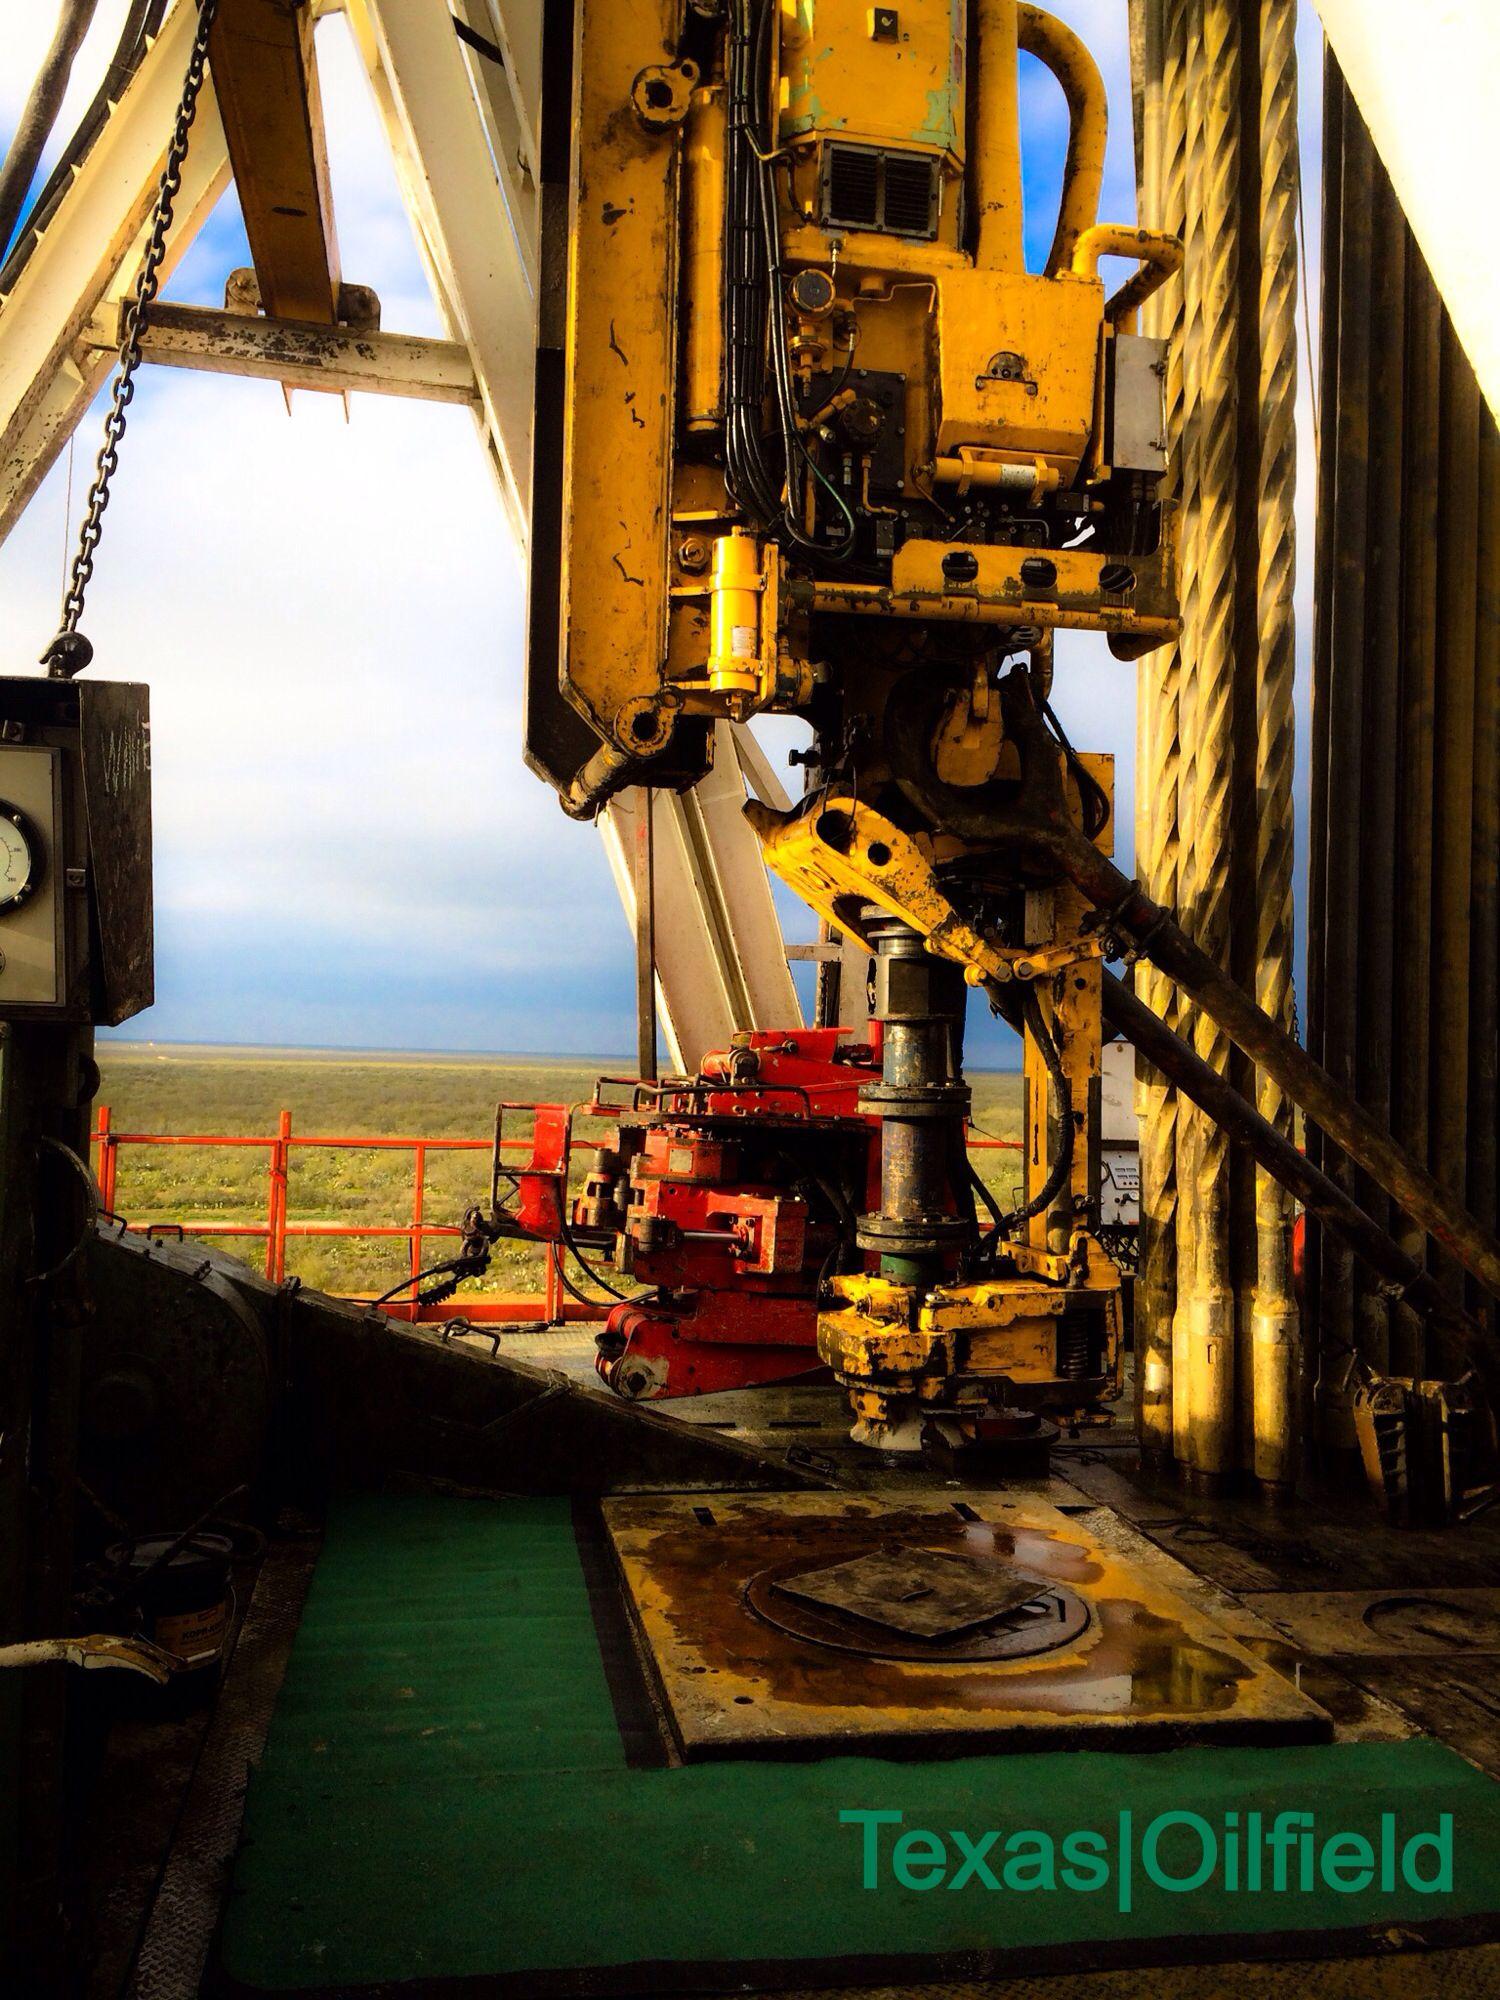 Texas rig Oil platform, Oilfield trash, Oil rig